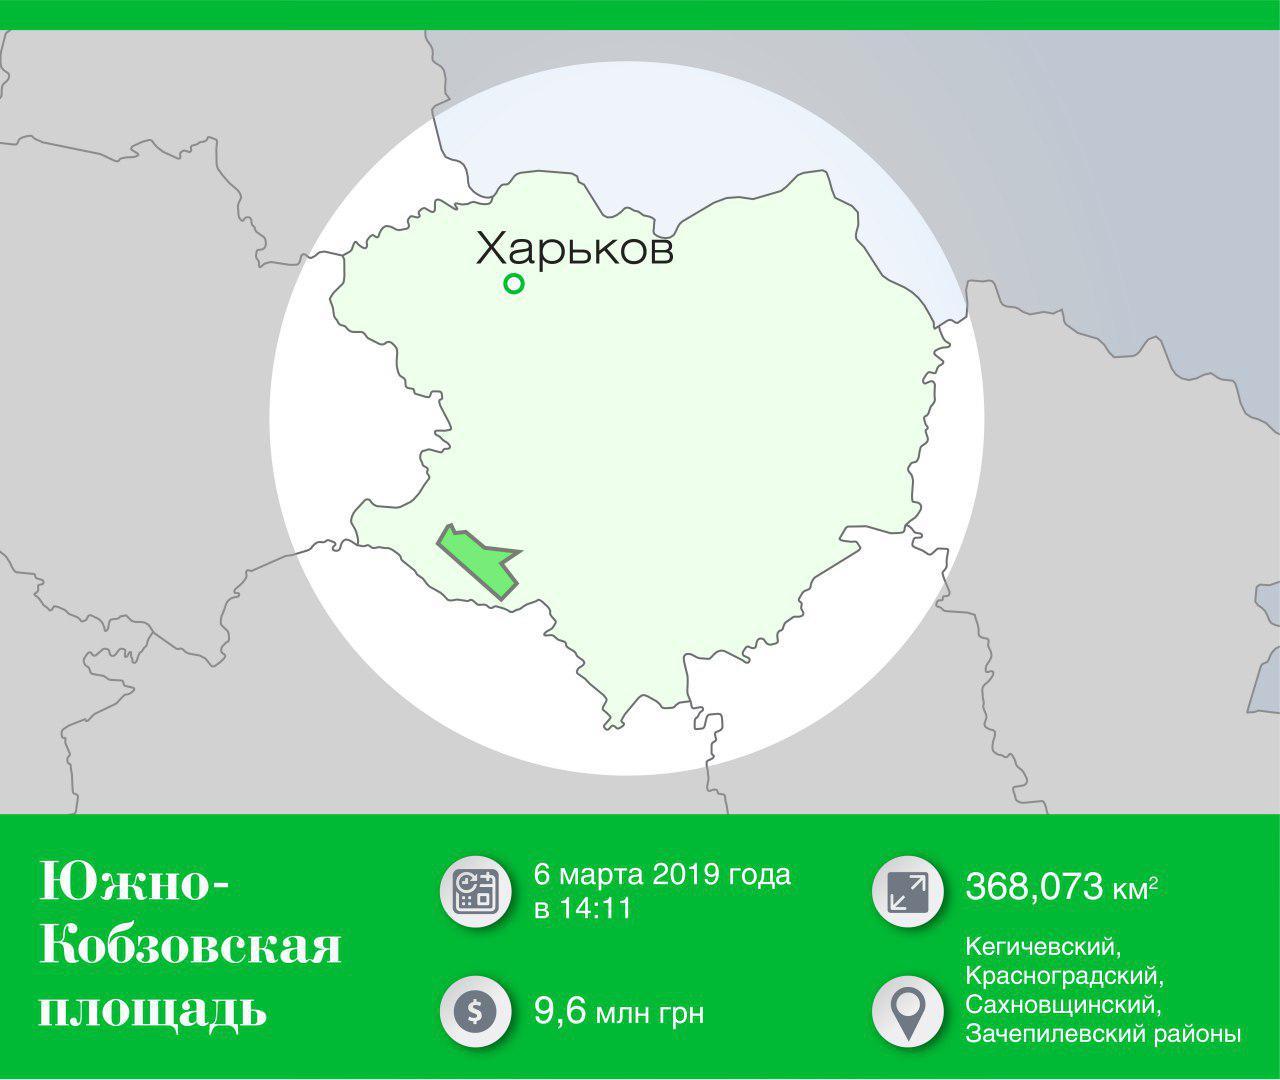 Південно-Кобзівська.jpg